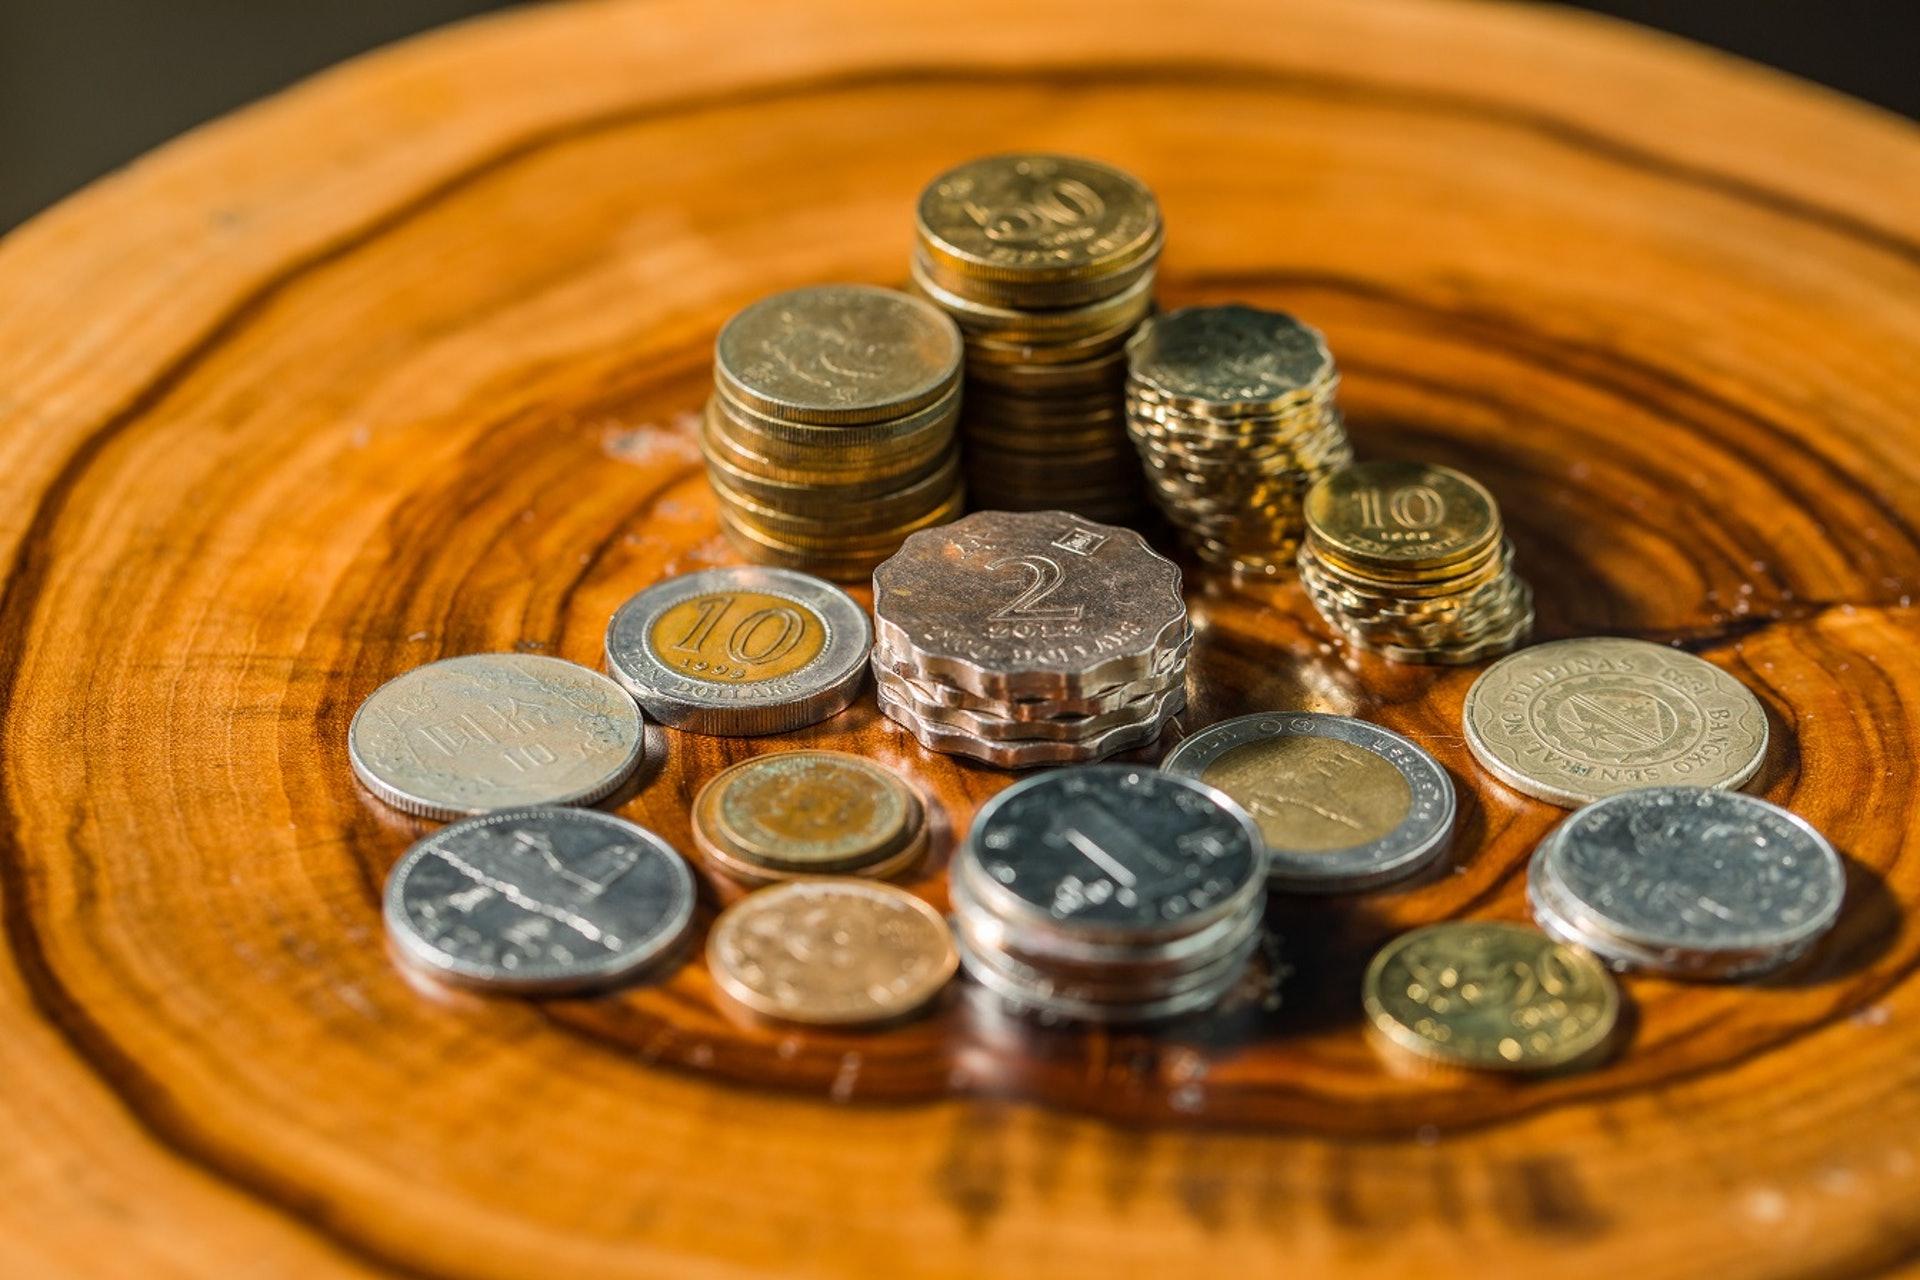 很多人覺得硬幣又重面額又少,索性放在家中不用,久而久之便堆積如山。﹝吳煒豪攝﹞